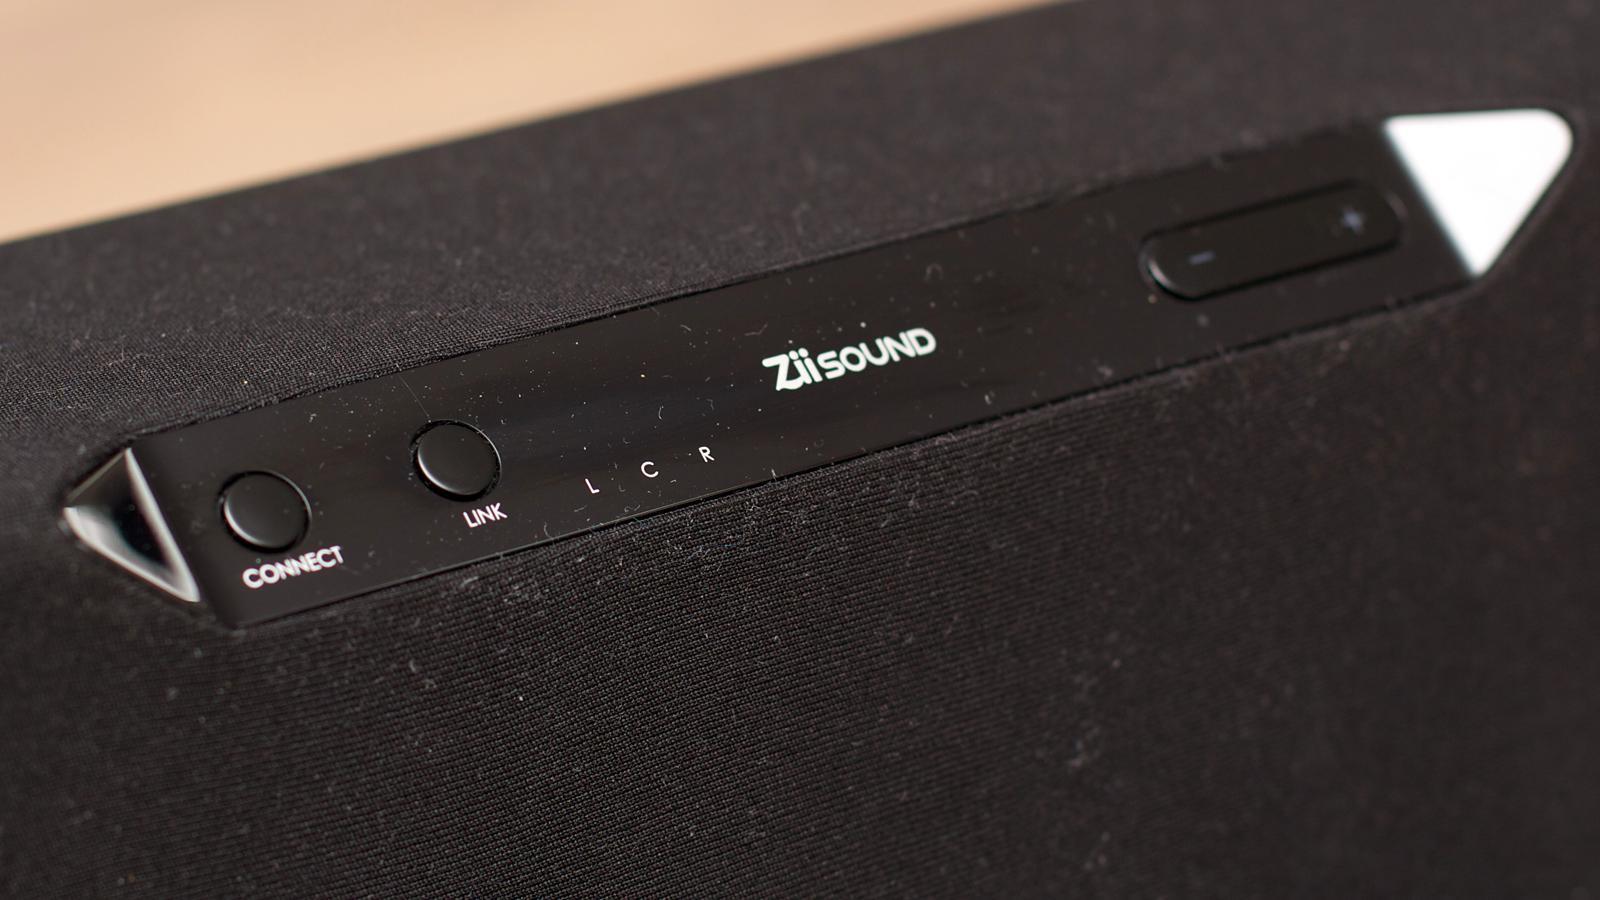 Connect-knappen lengst til venstre brukes for å koble til en ny Bluetooth-enhet, eller for å veksle mellom lydkildene. (Foto: Kurt Lekanger)